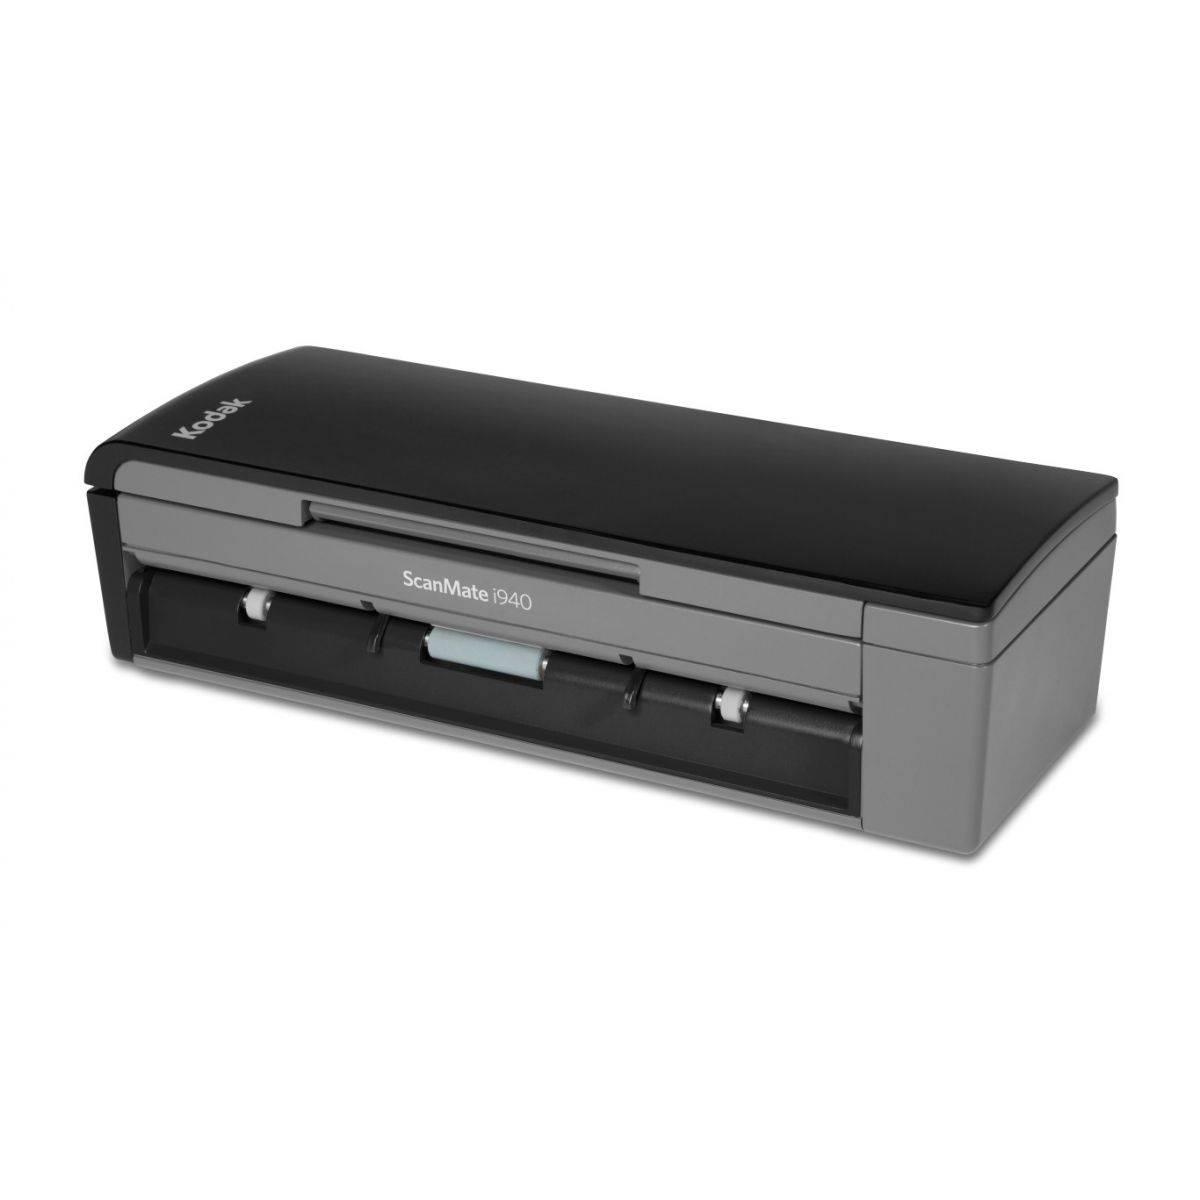 Scanner Portátil A4 Kodak ScanMate i940 - 20 ppm, ADF 20 folhas e Ciclo de 1000 Folhas/dia